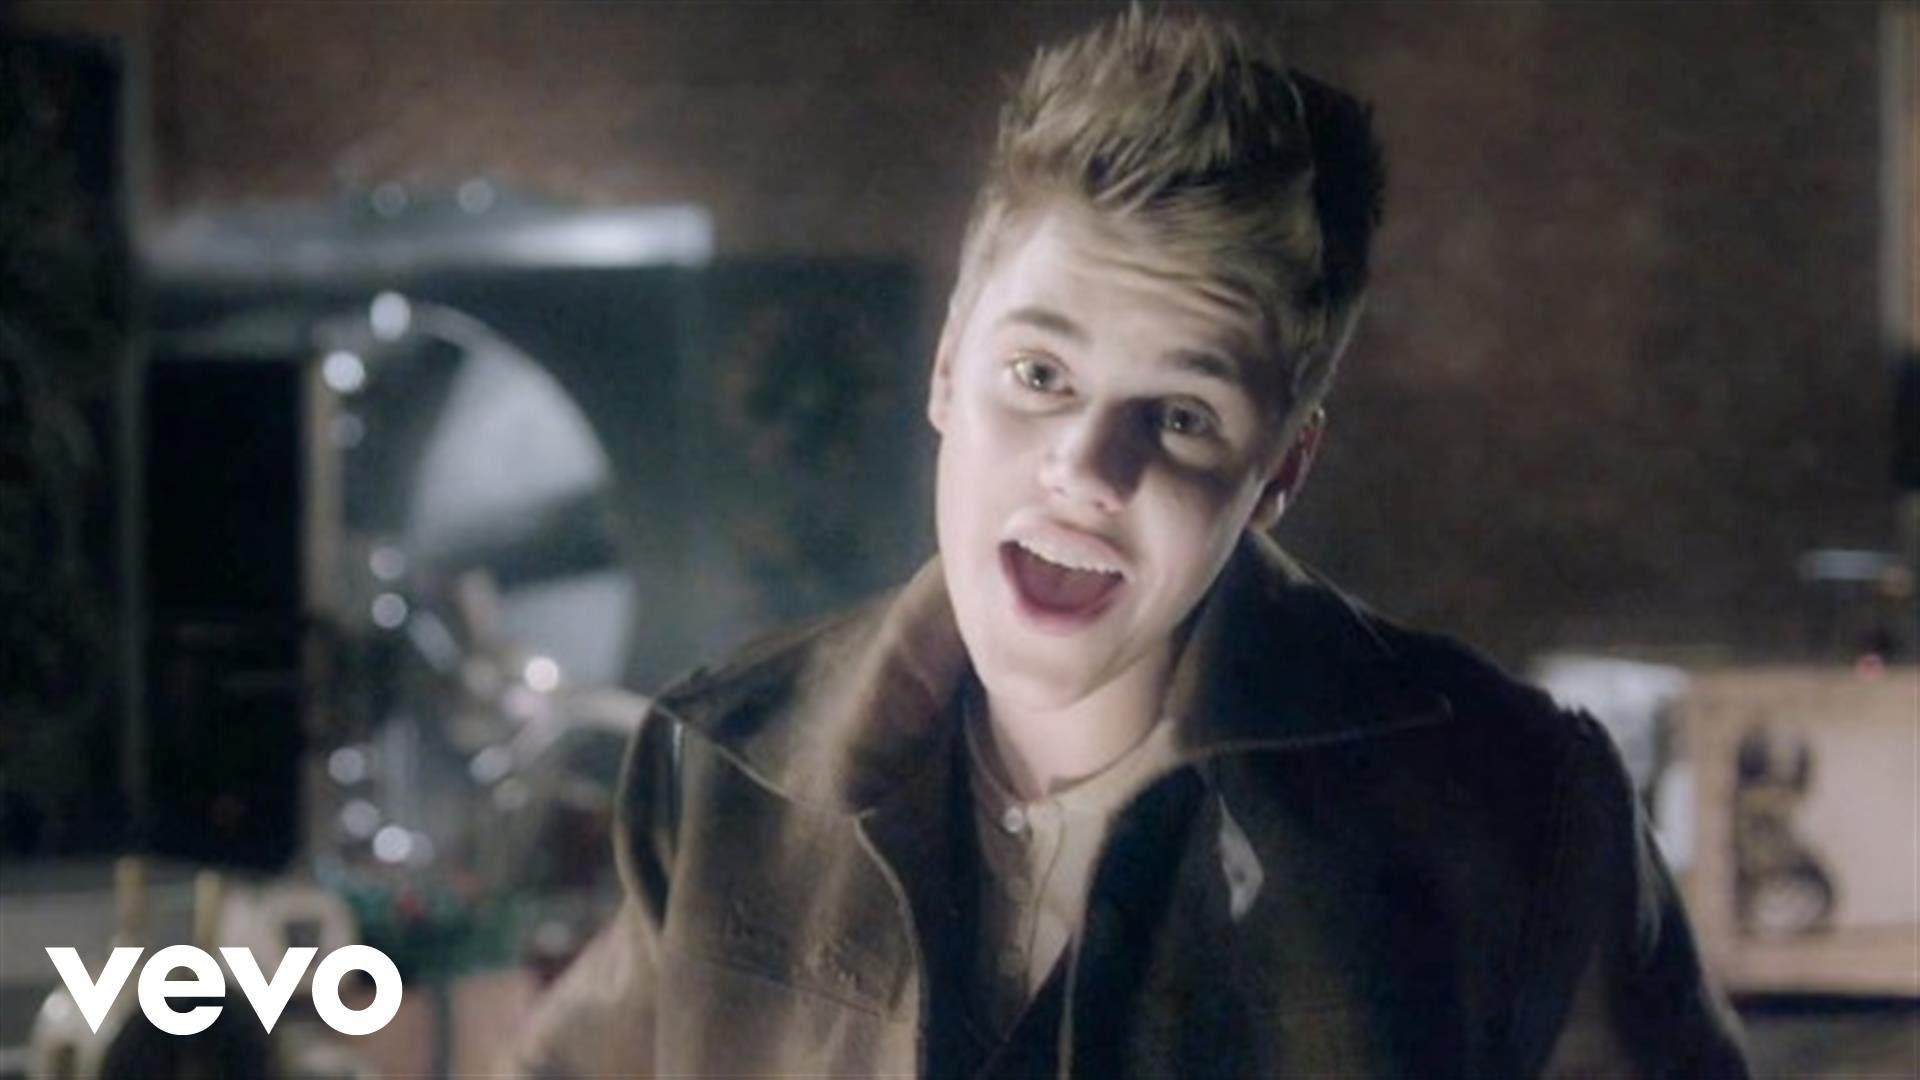 Hd wallpaper justin bieber - 1920x1200 Justin Bieber On Stage Hd Wallpaper Justin Bieber Justin Drew Bieber Wallpaper Hd